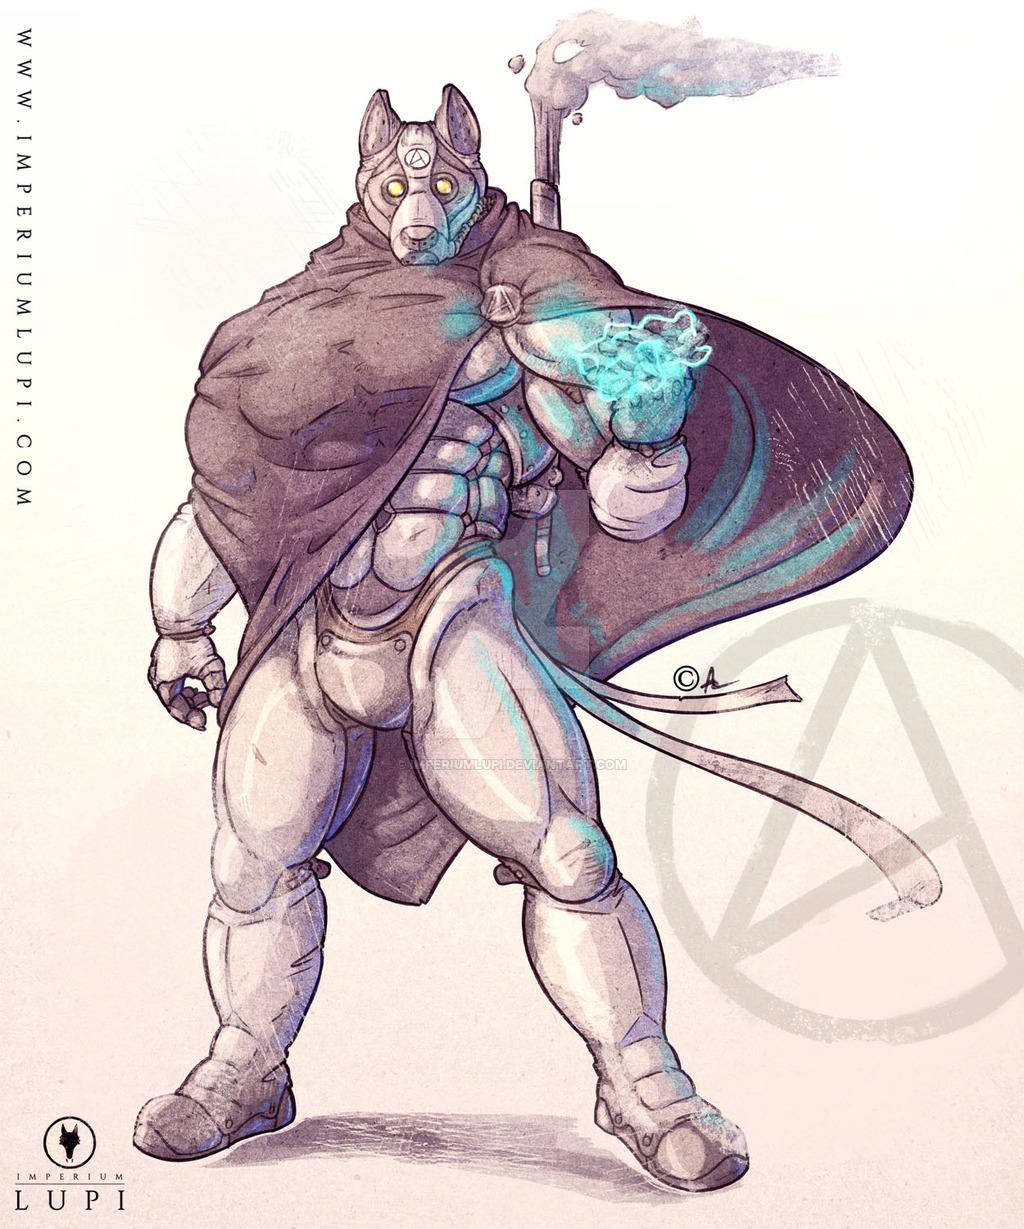 Most recent image: Imperium Lupi - Eisenwolf Colour